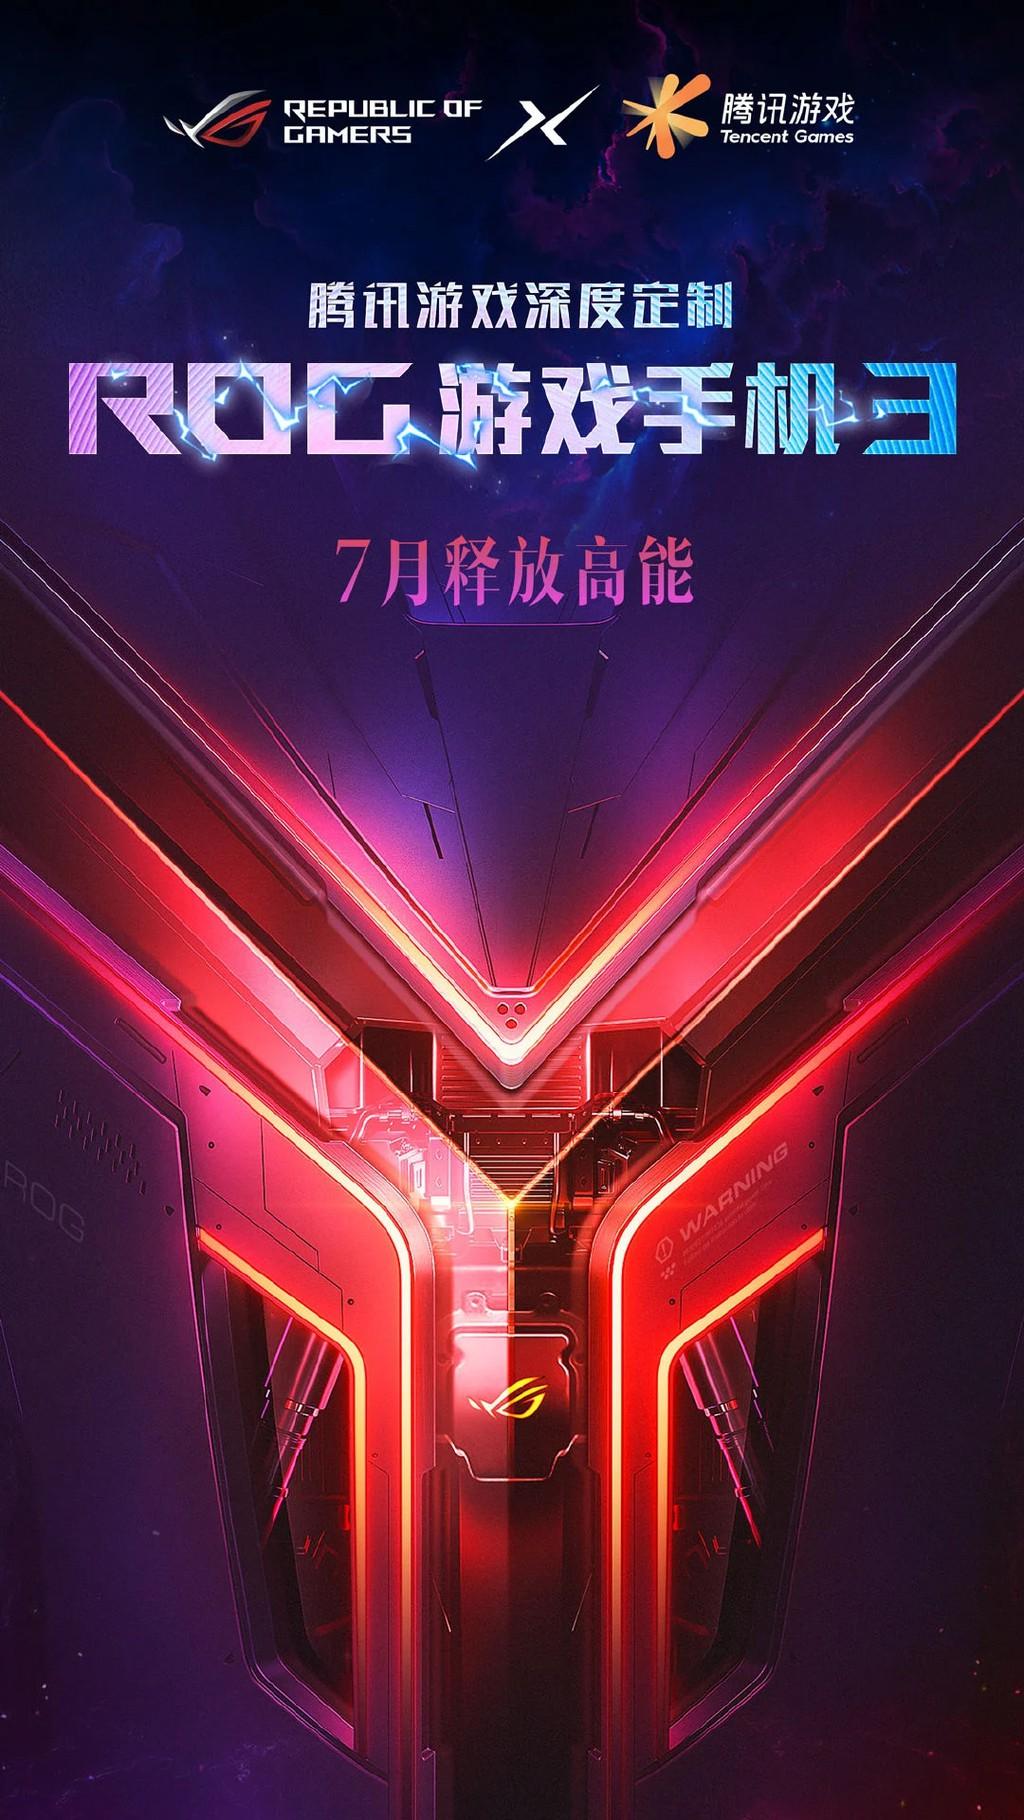 ASUS ROG Phone 3 sẽ chính thức ra mắt vào tháng 7 tới ảnh 2